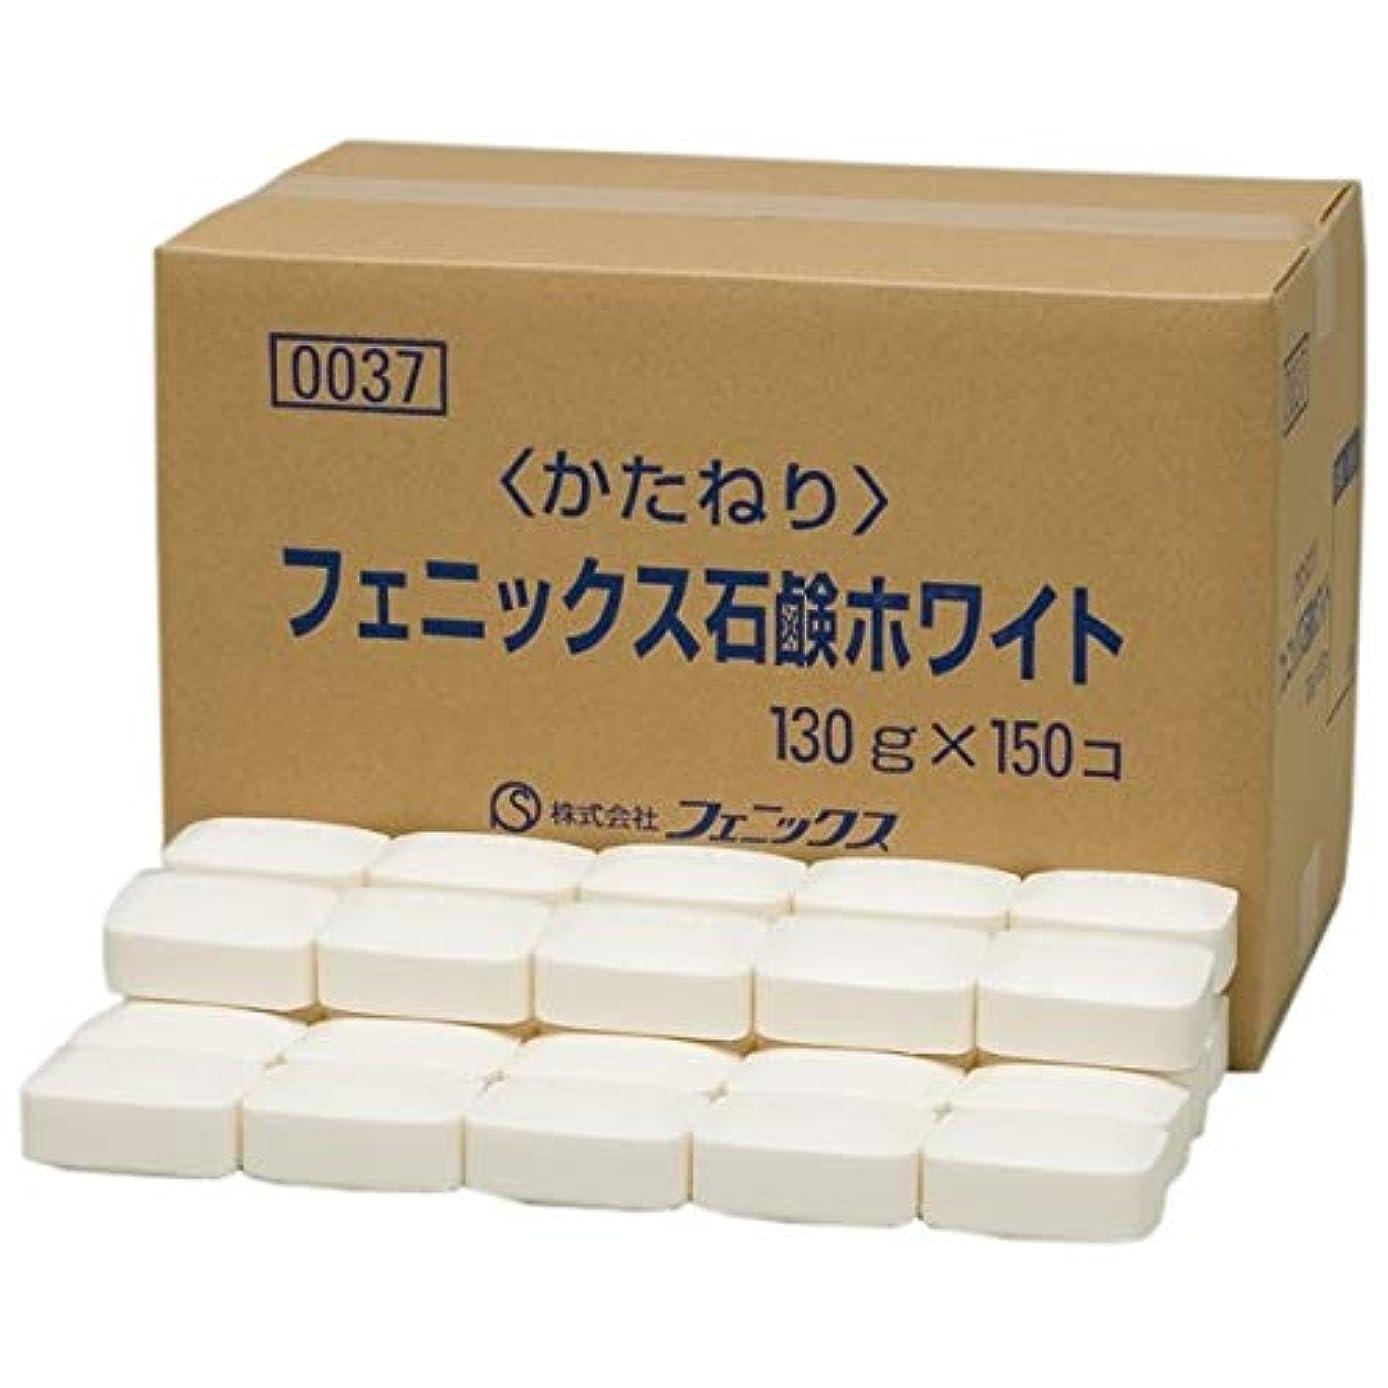 閃光ブロック明快フェニックスホワイト石鹸 130g×150個入